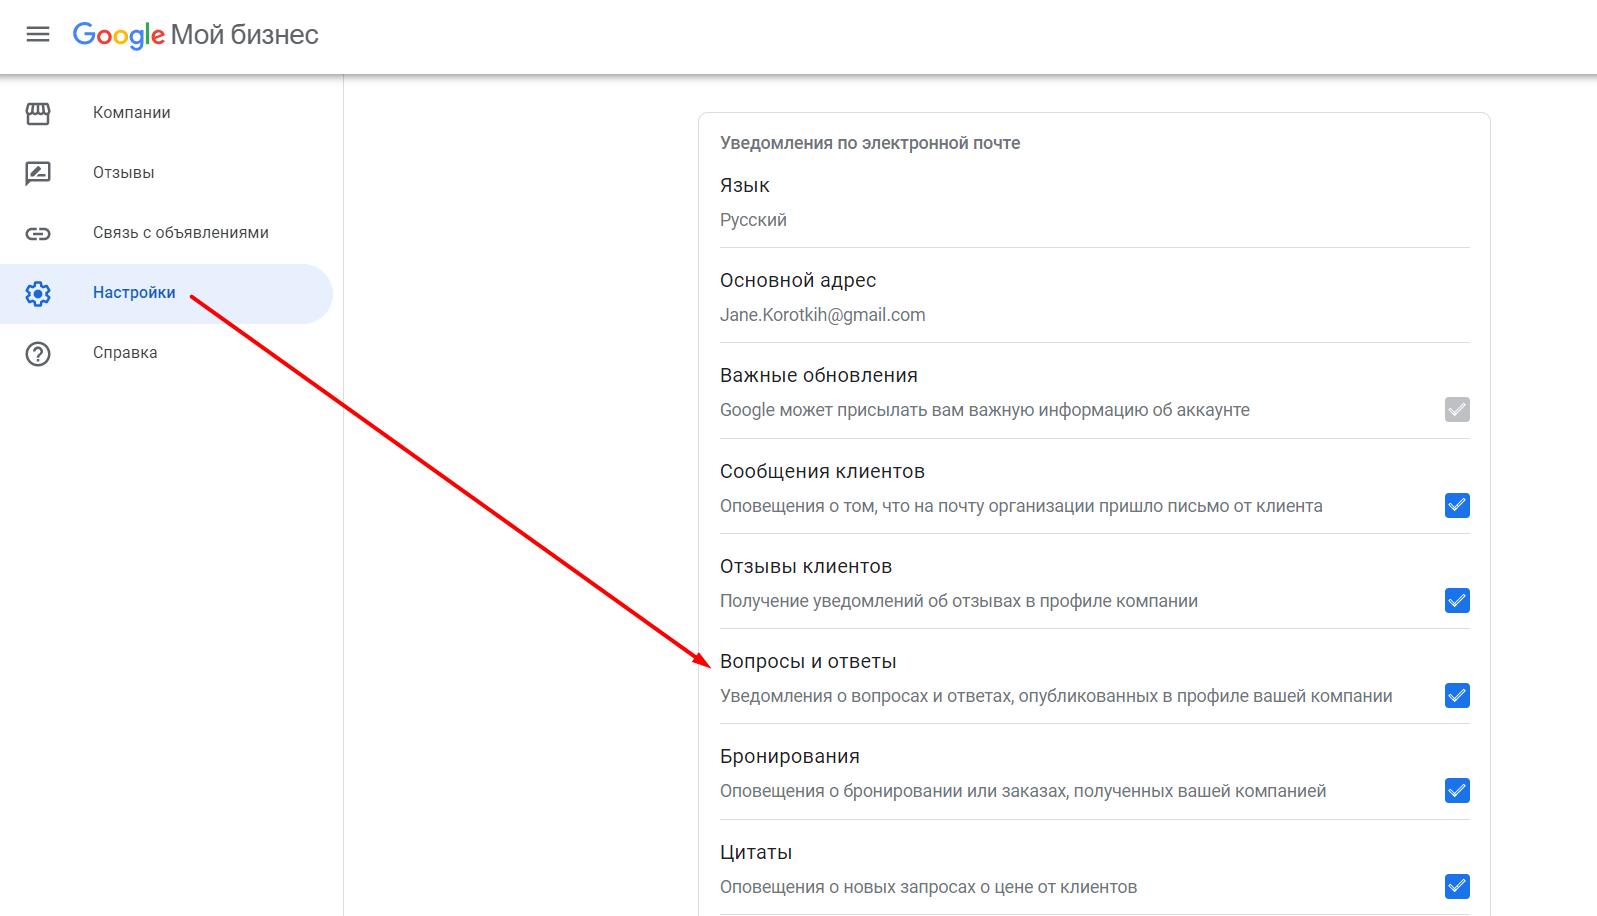 Как работать с вопросами и ответами в Google мой бизнес